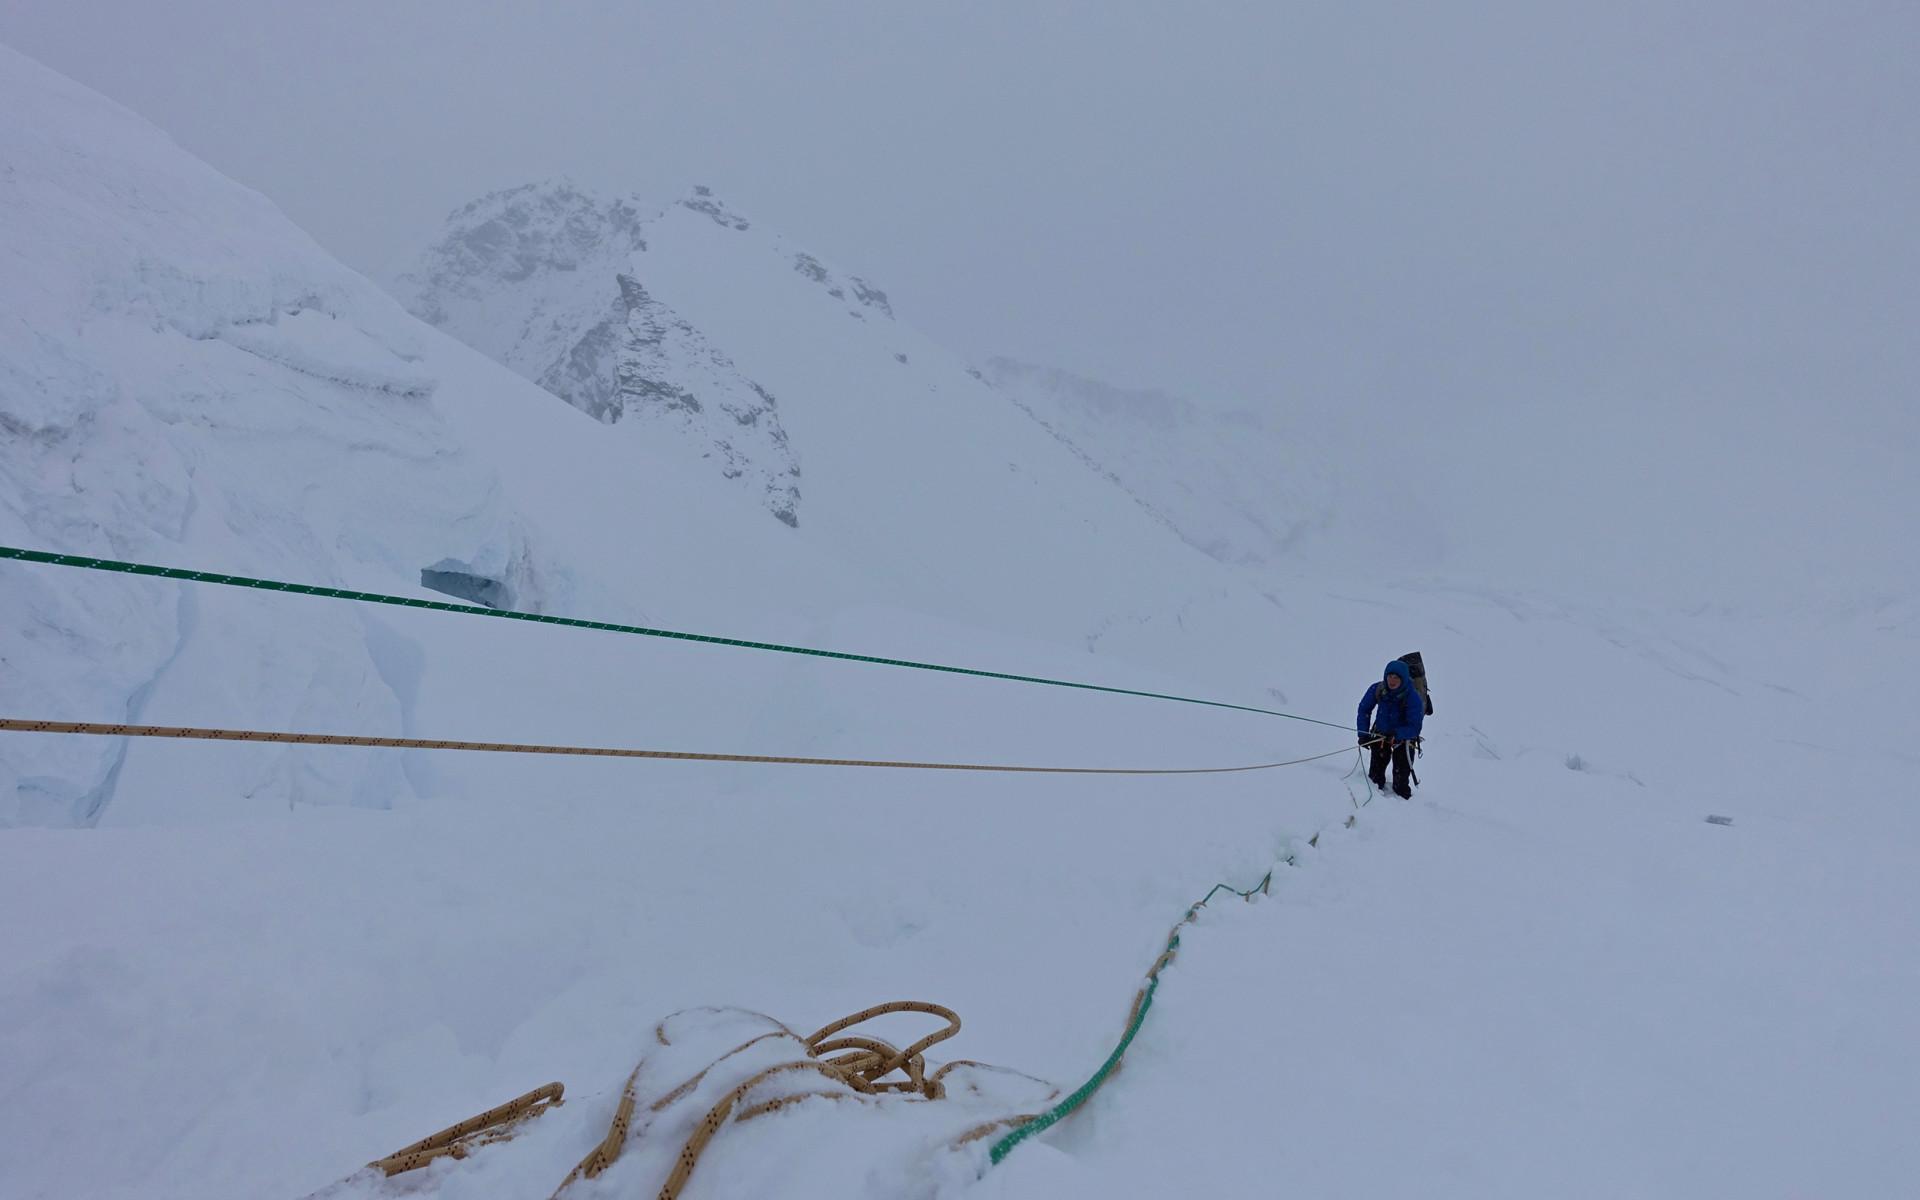 Schwierige Bedingungen am Berg